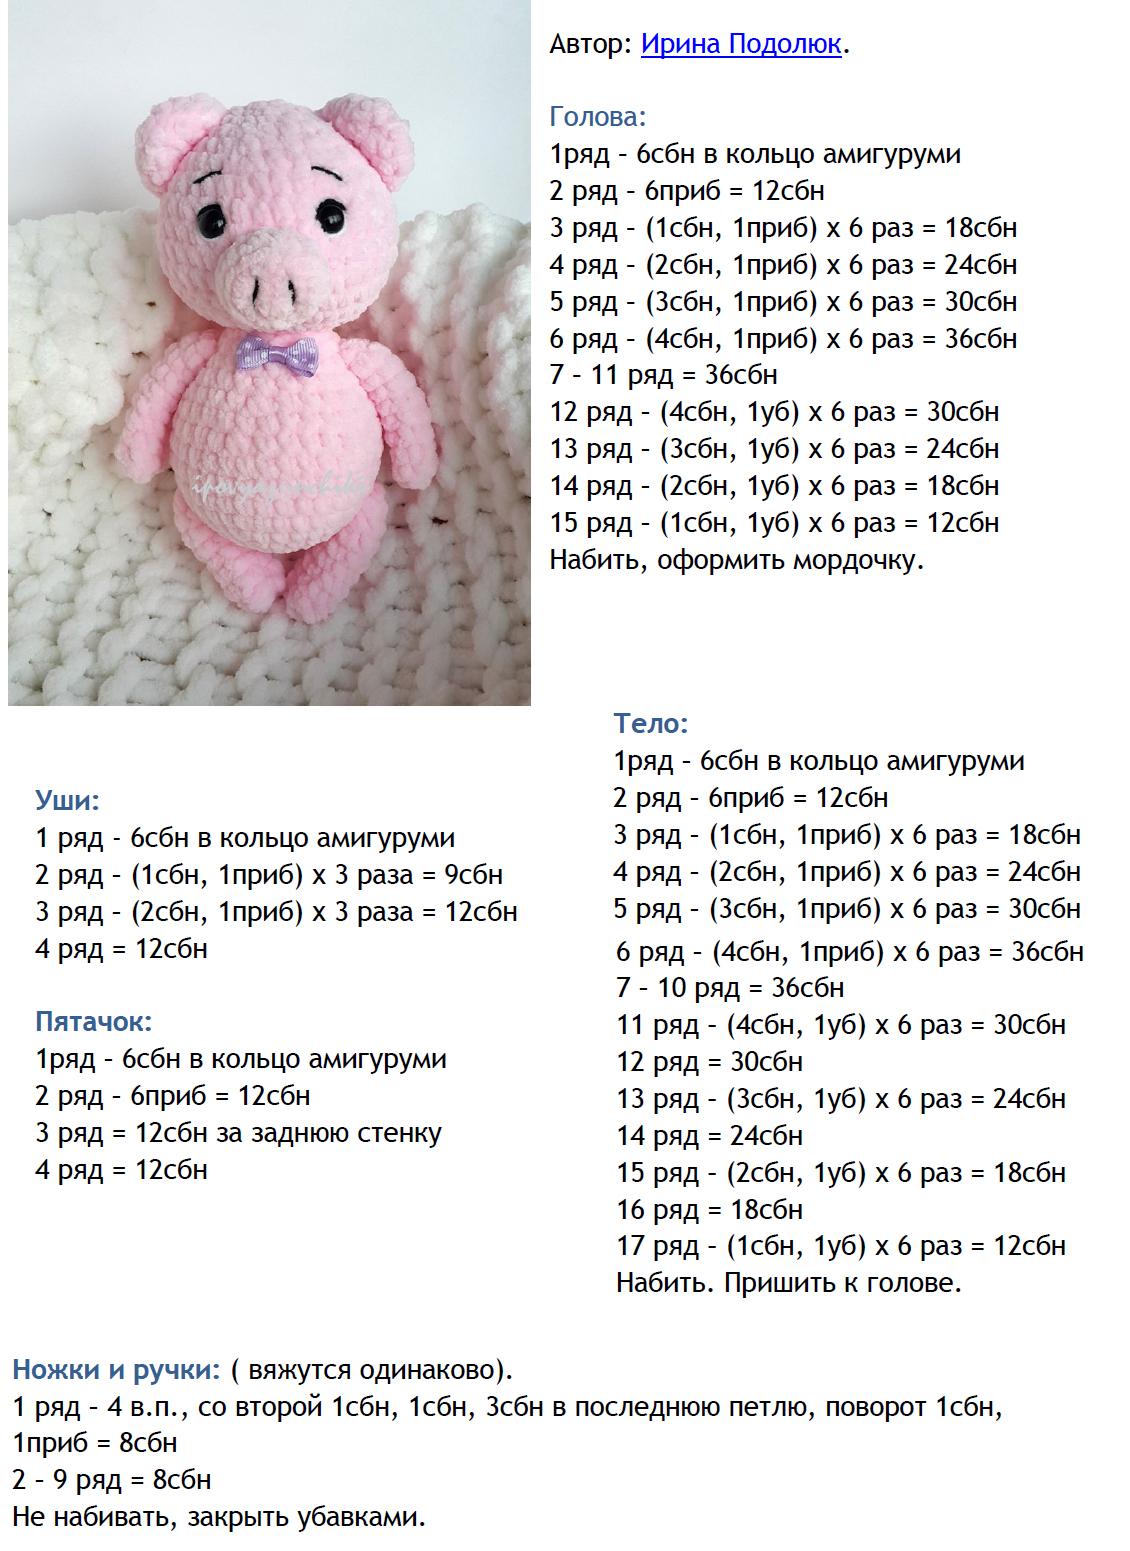 вязание крючком свинки схемы описание